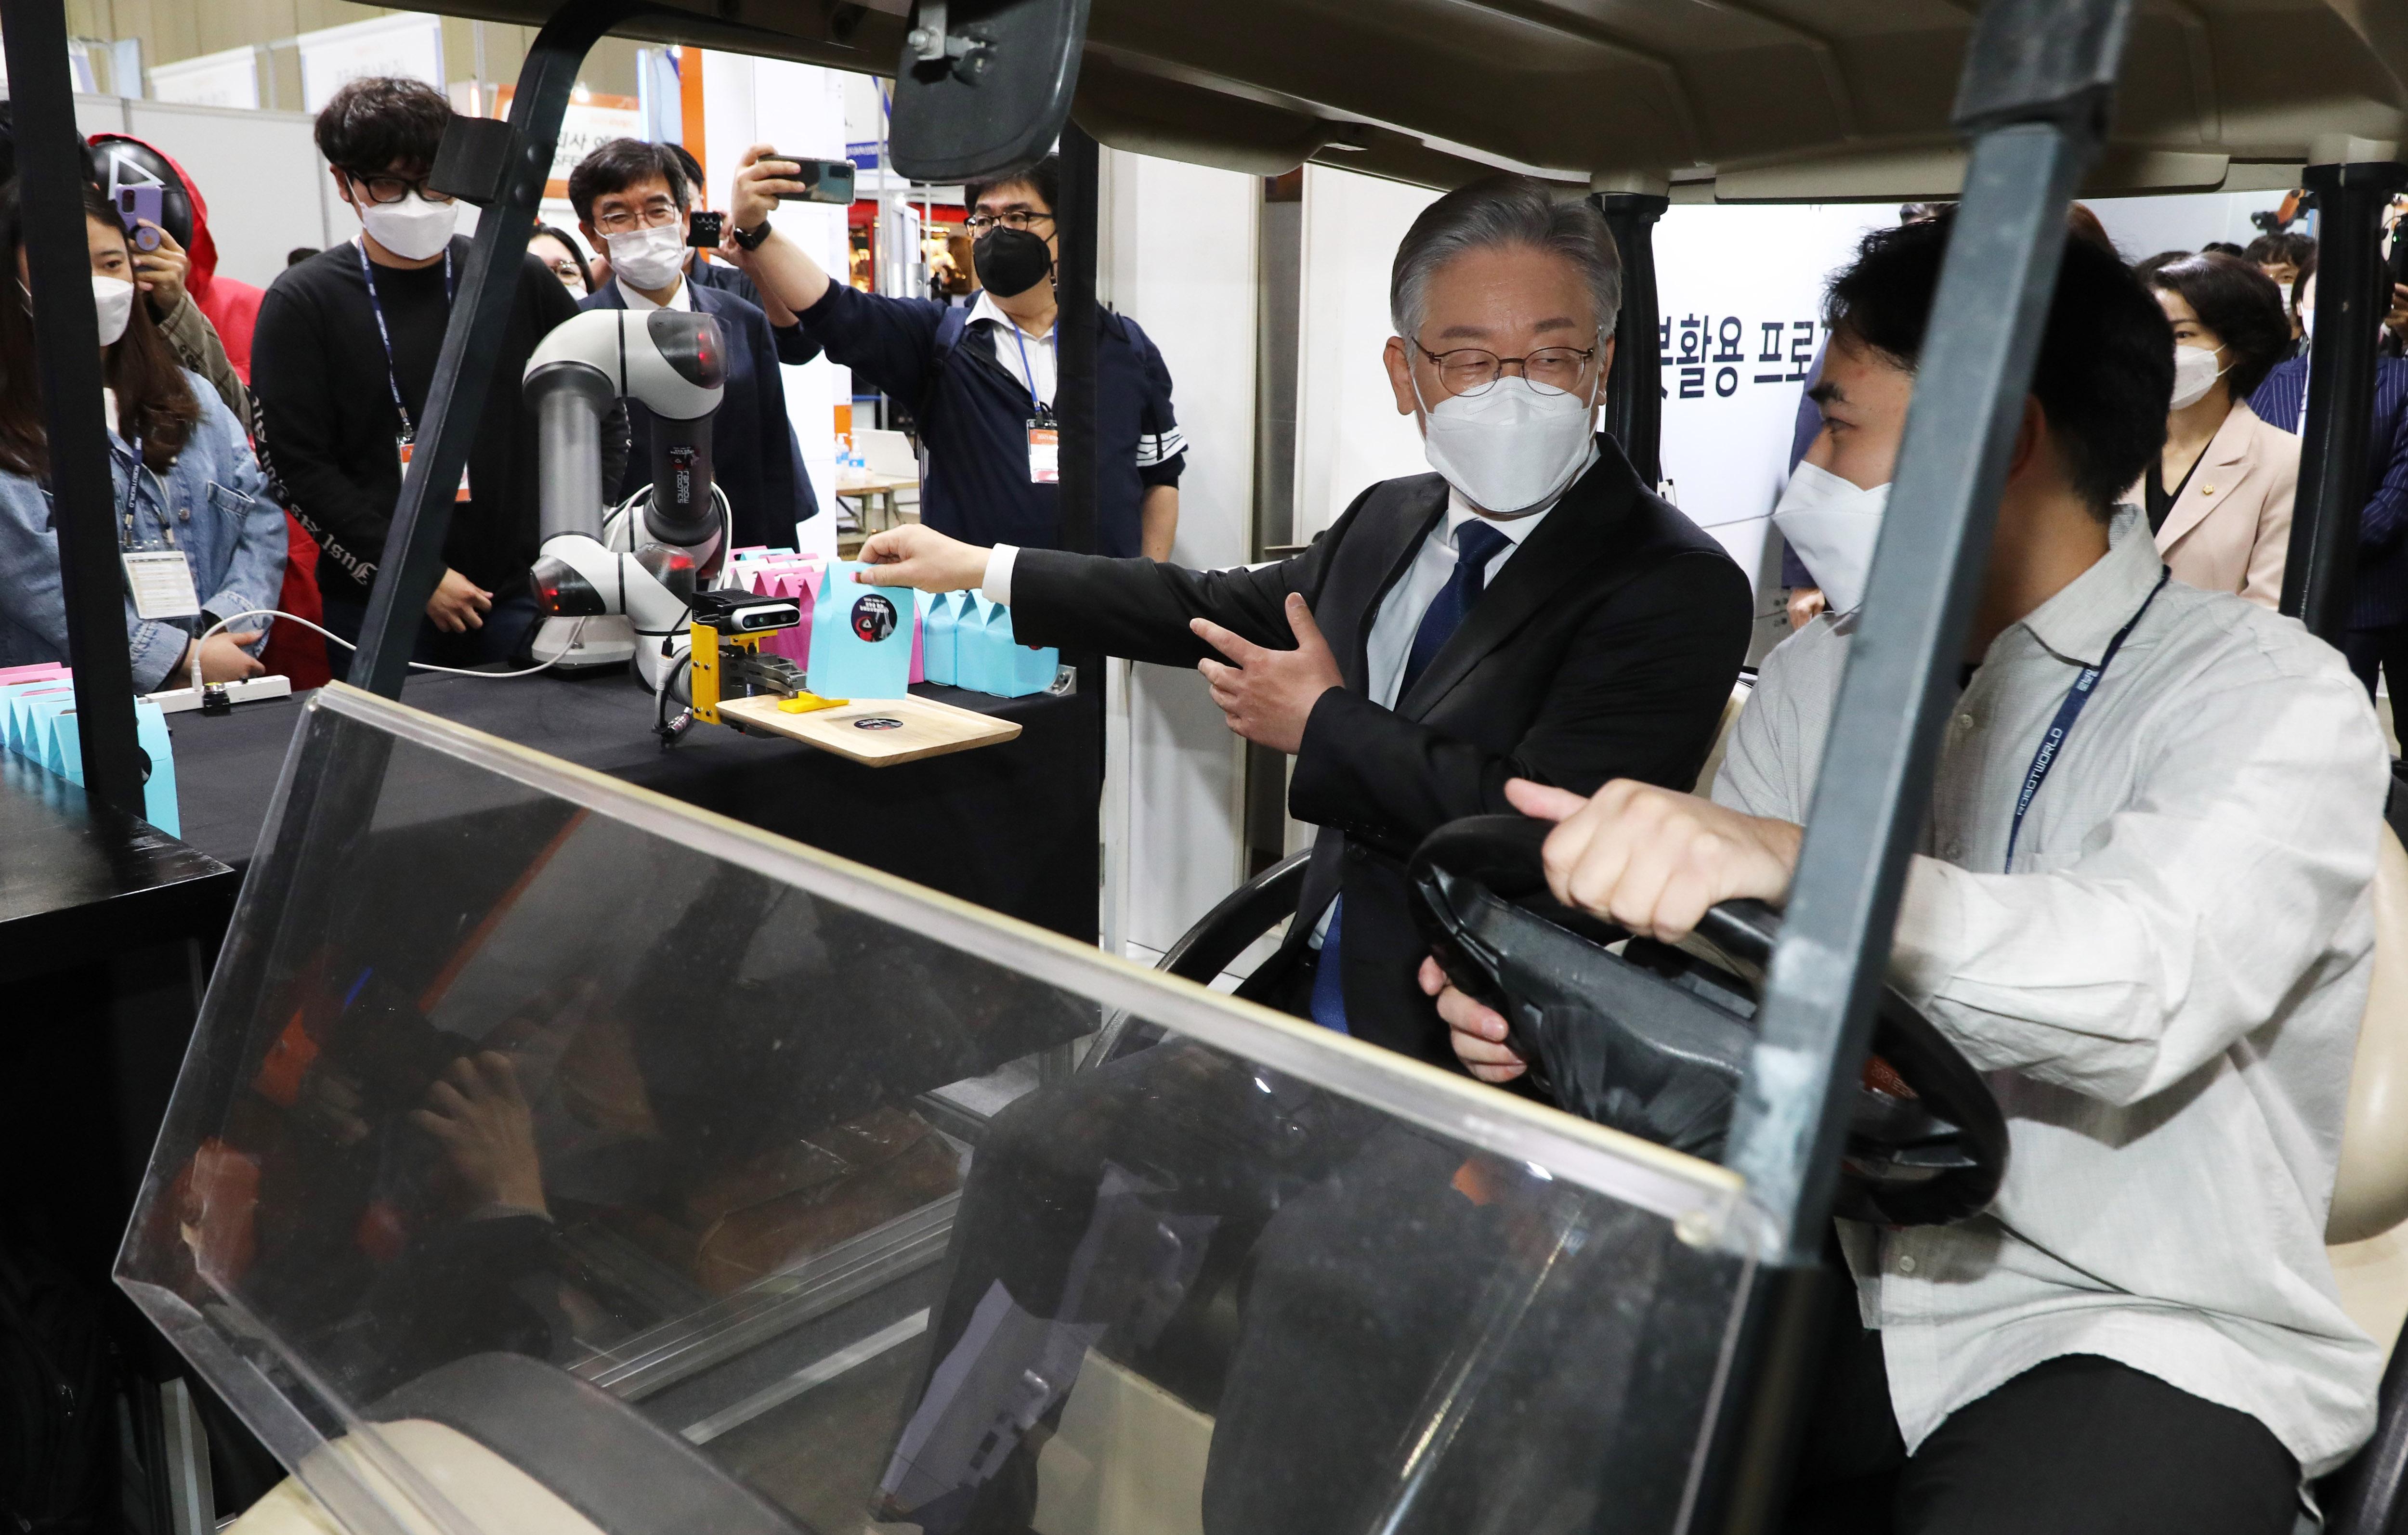 '2021 로보월드' 방문한 이재명 민주당 대선 후보